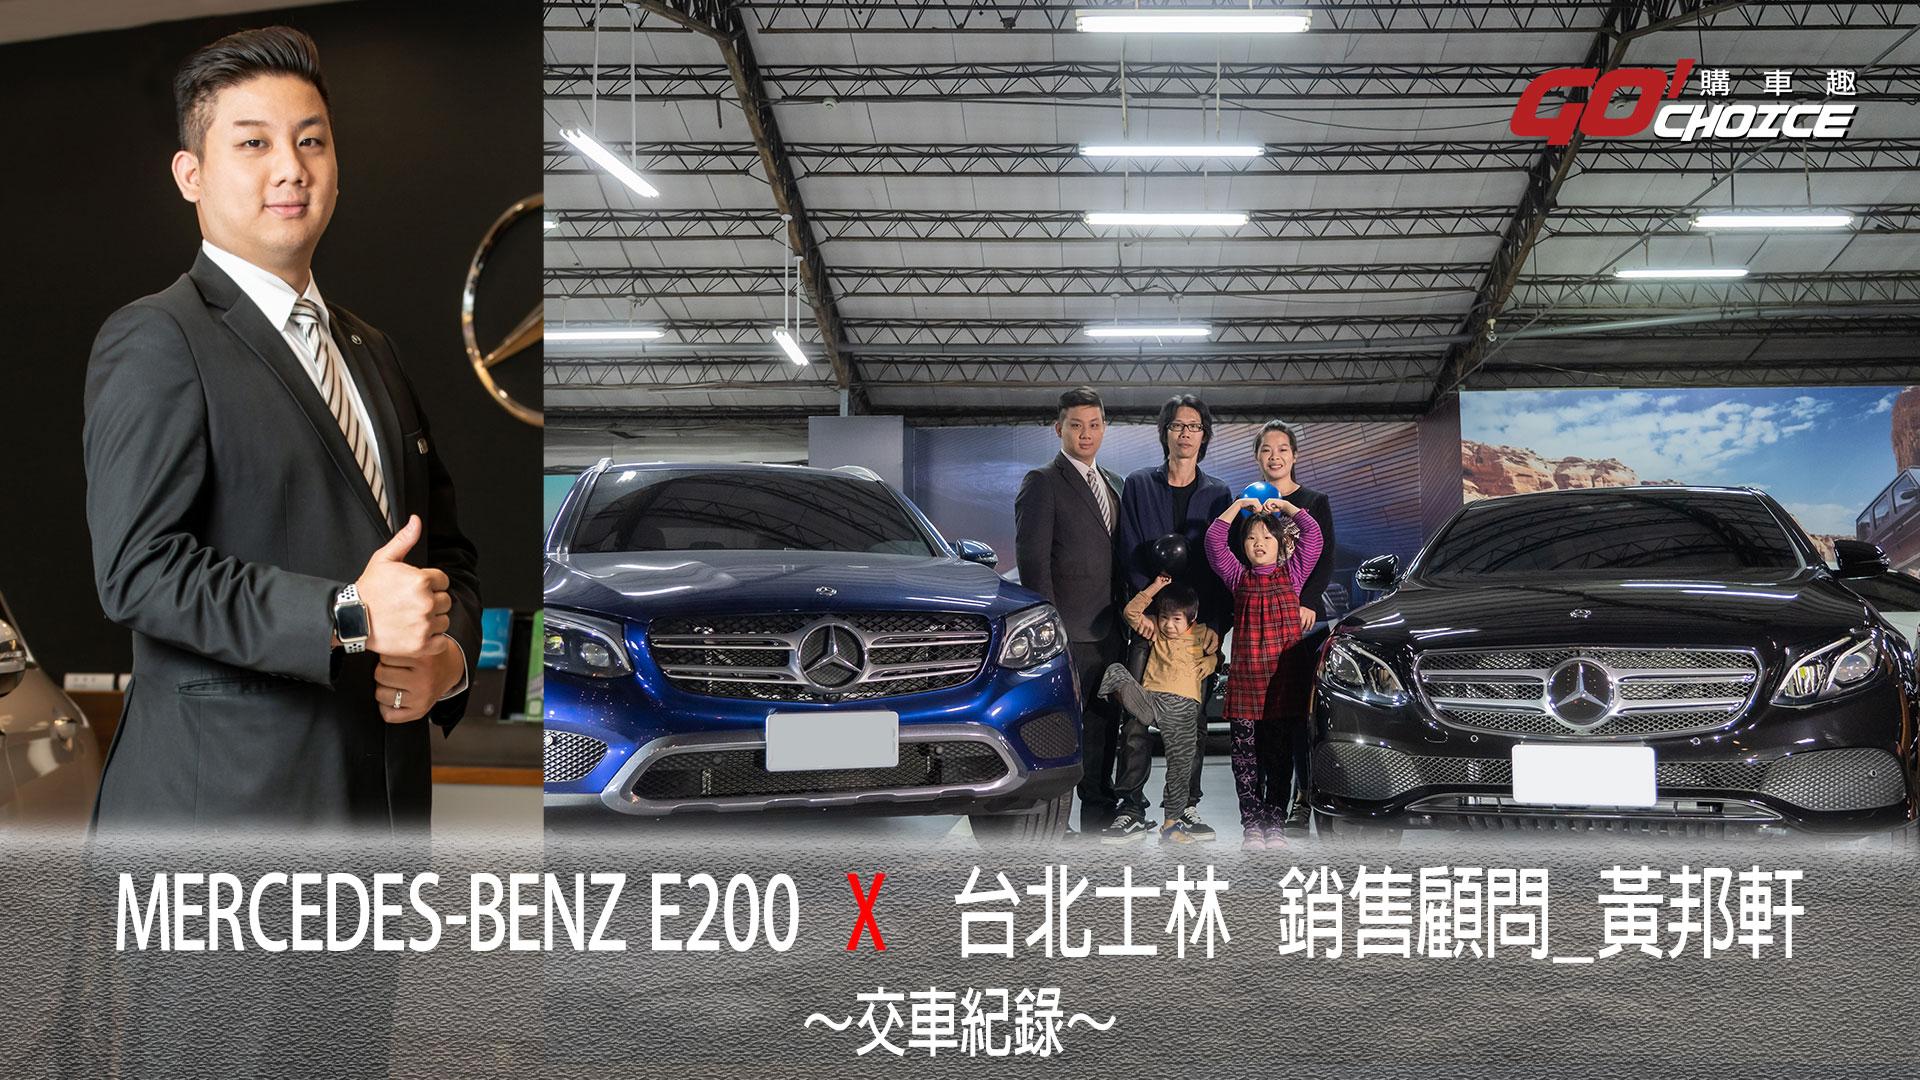 交車紀錄影片 Mercedes-Benz E200-賓士 士林 銷售顧問_黃邦軒